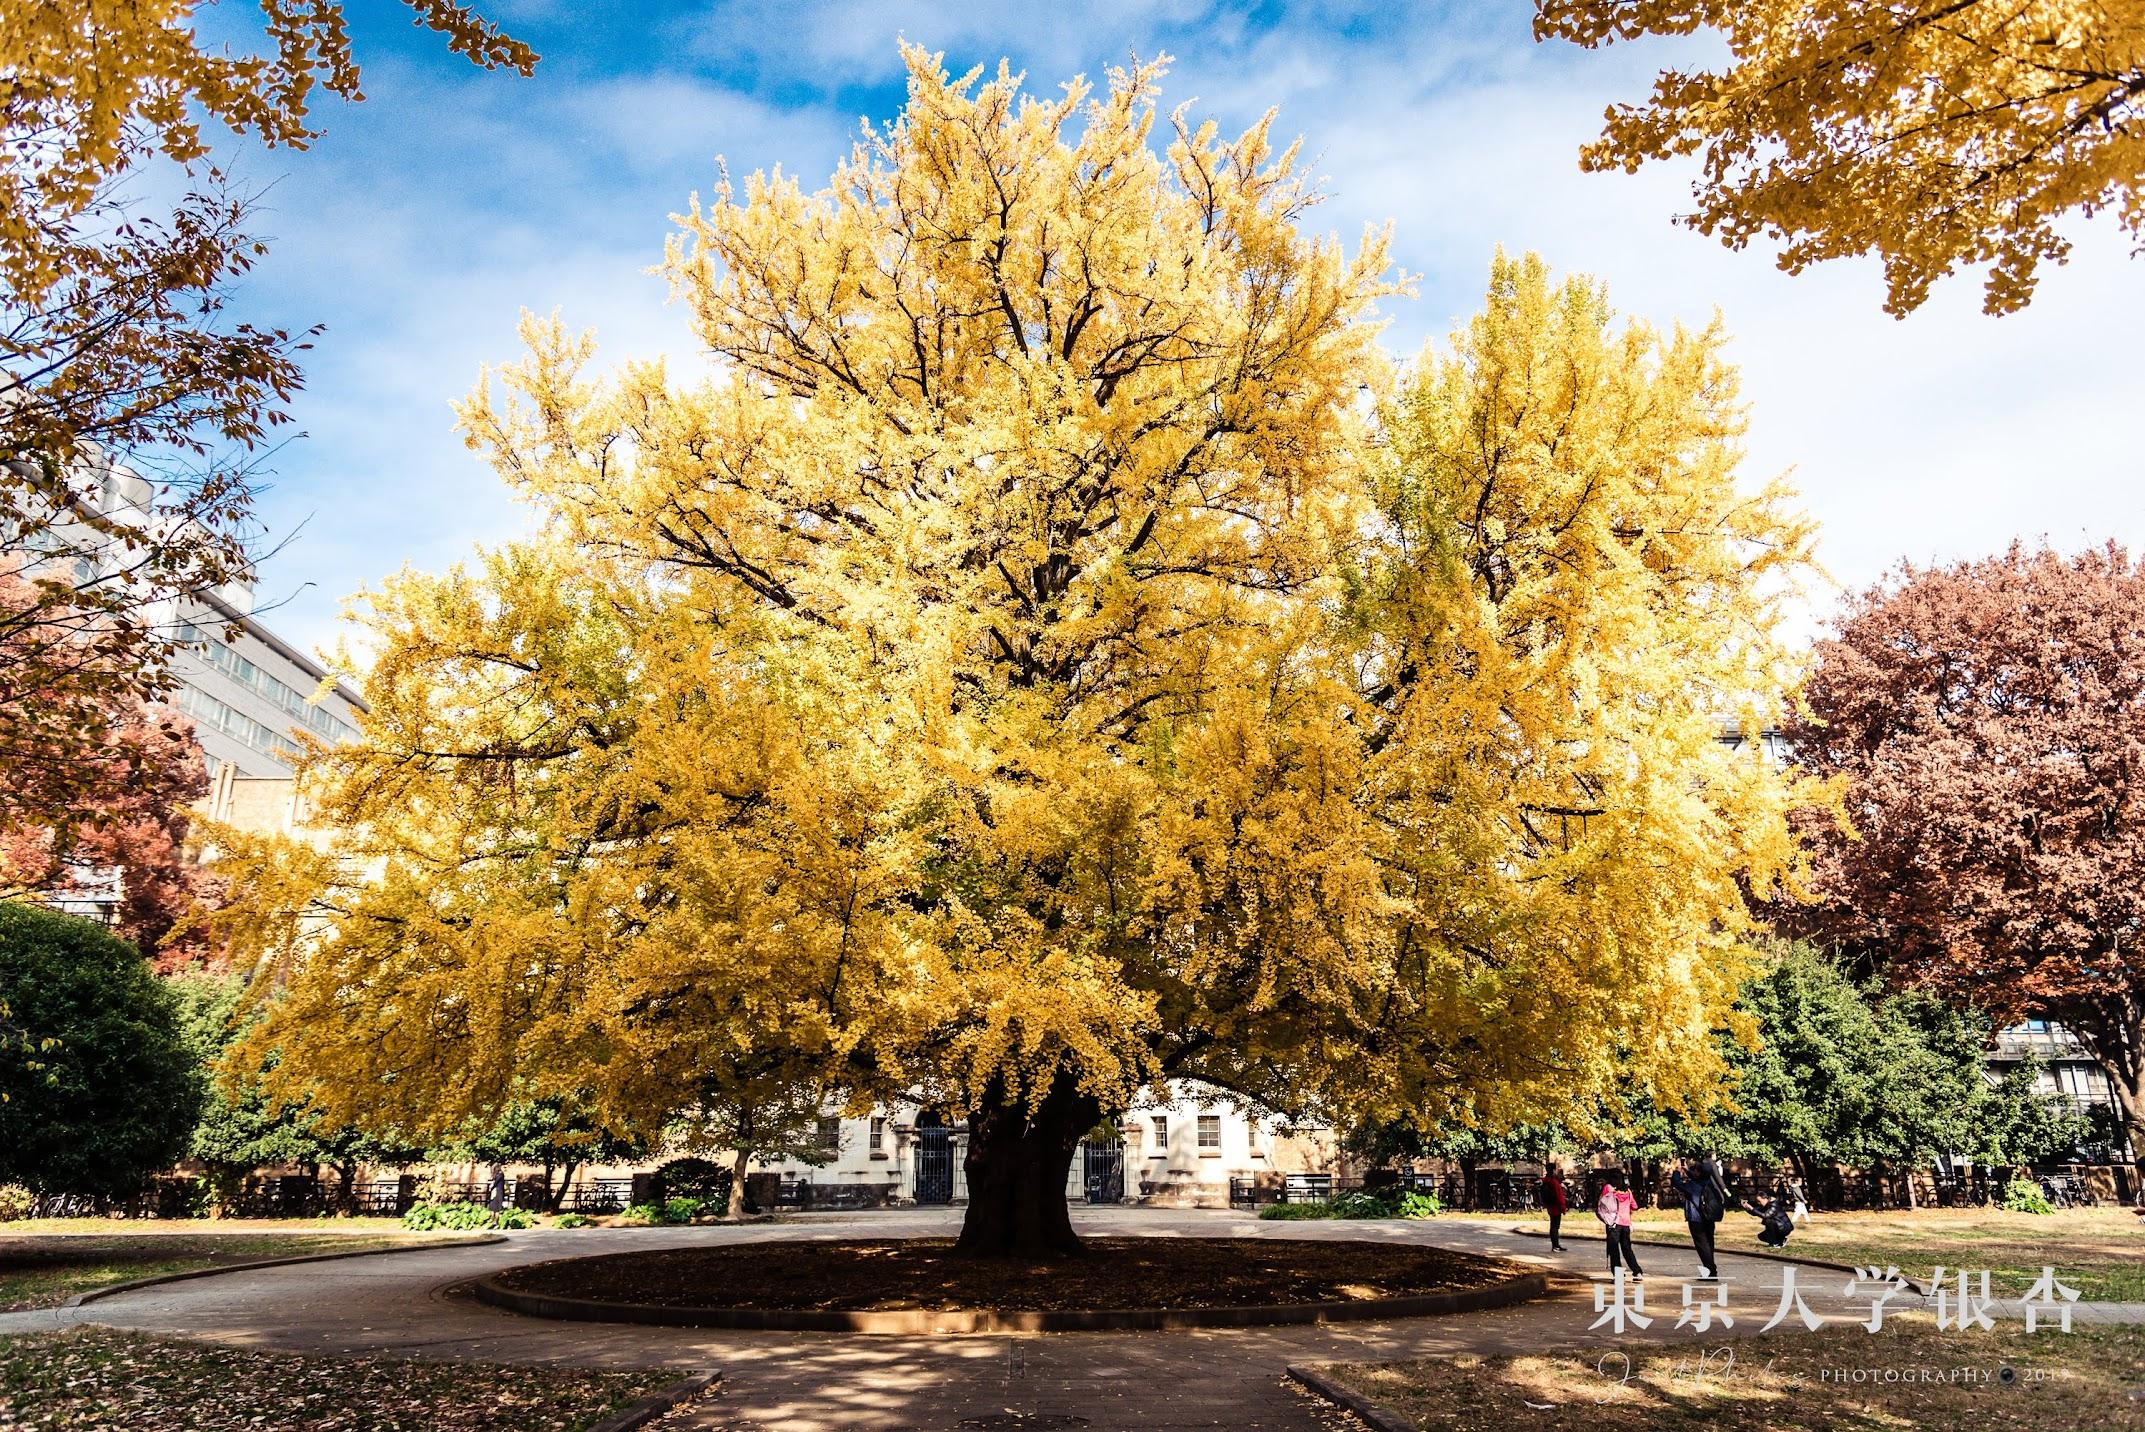 東京大學本鄉校區工學院前的百年大銀杏樹。